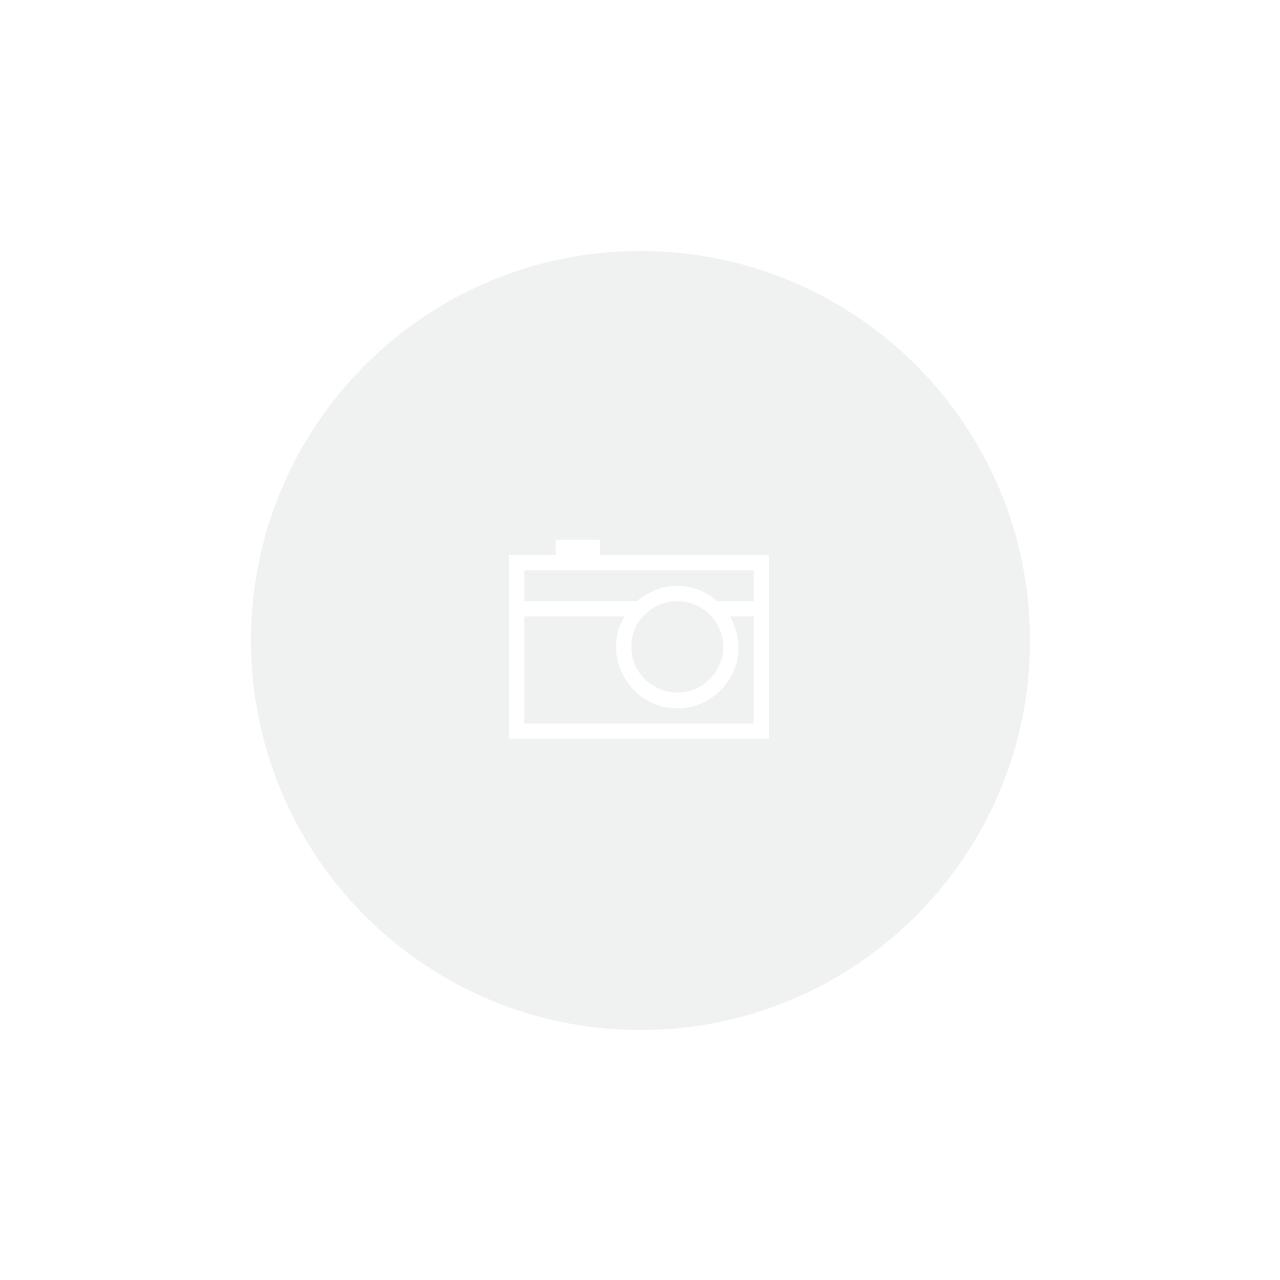 Placa De Som Pci 5.1 Com 6 Canais Dp-61